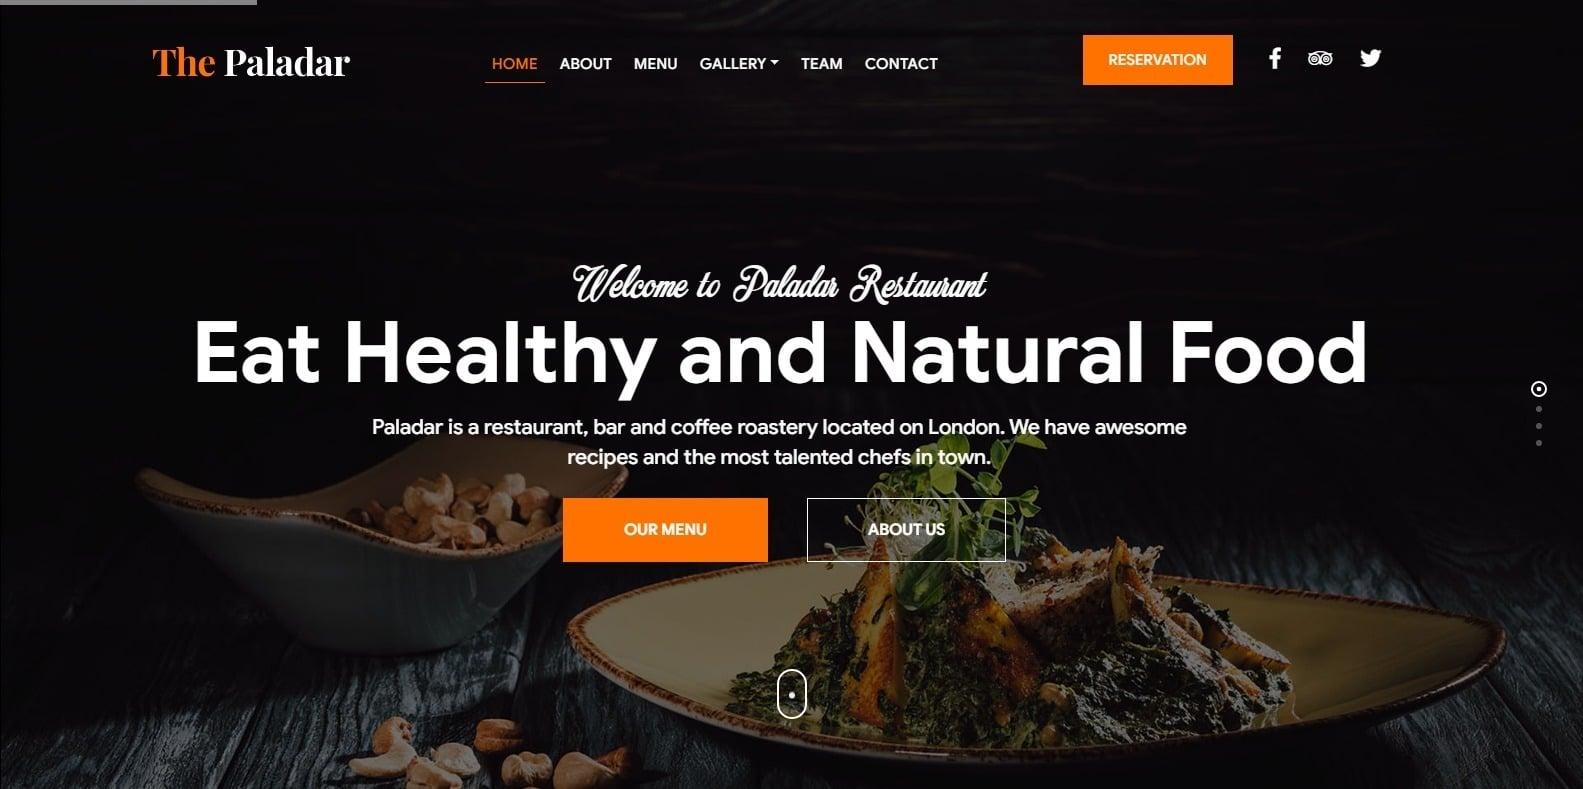 paladar-restaurant-website-template